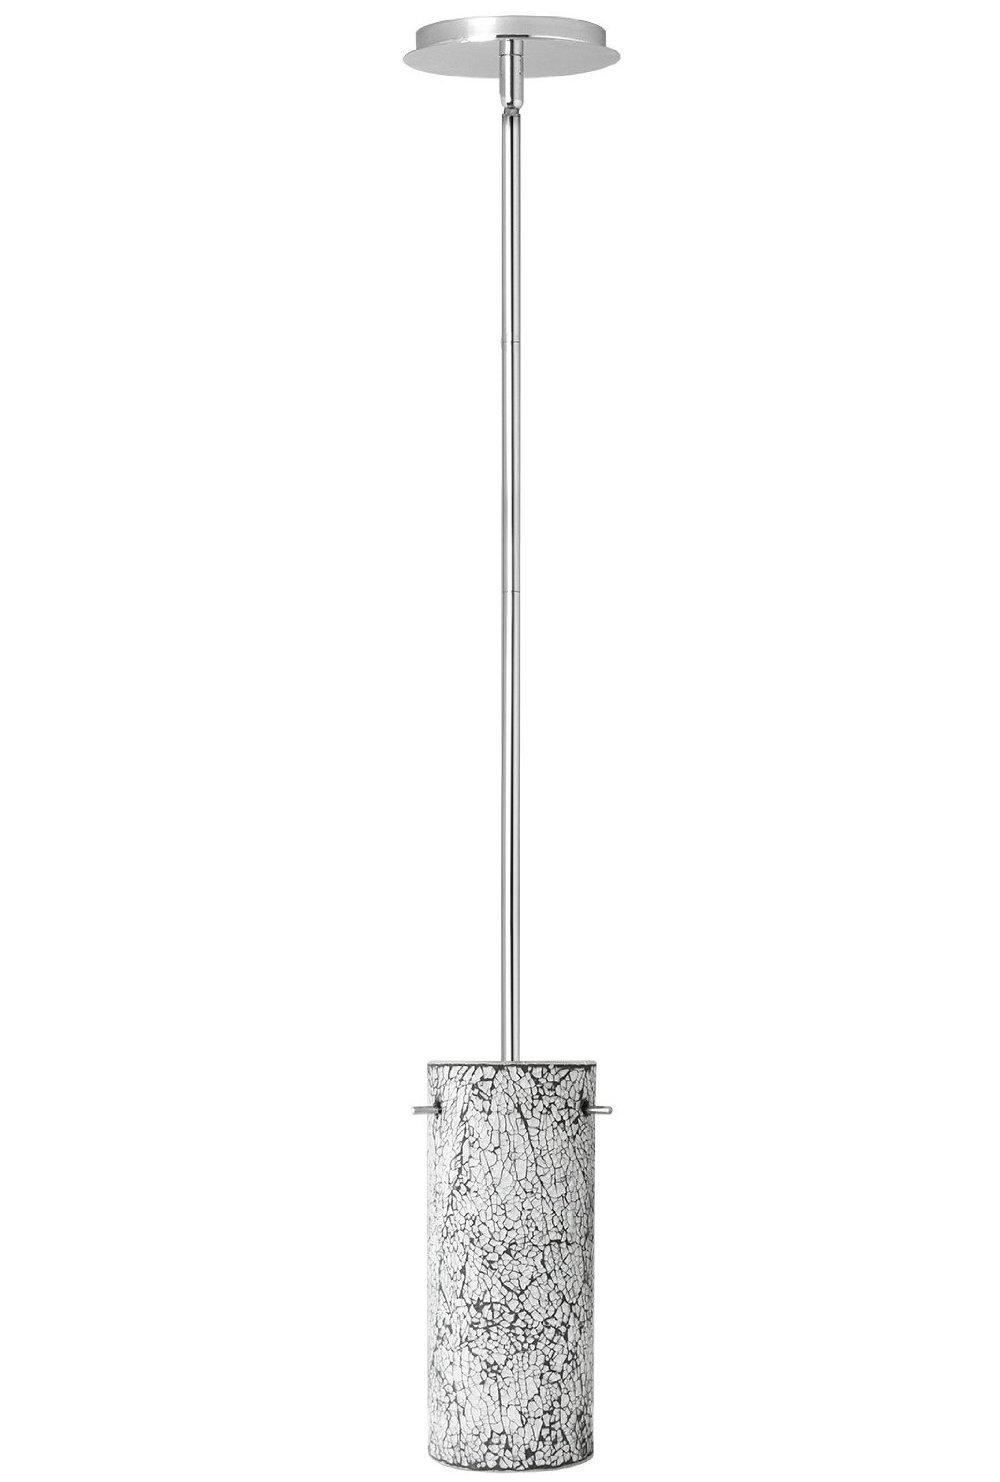 Oldbury 1 Light Single Cylinder Pendants Within Well Known Nicola 1 Light Single Cylinder Pendant (View 4 of 25)